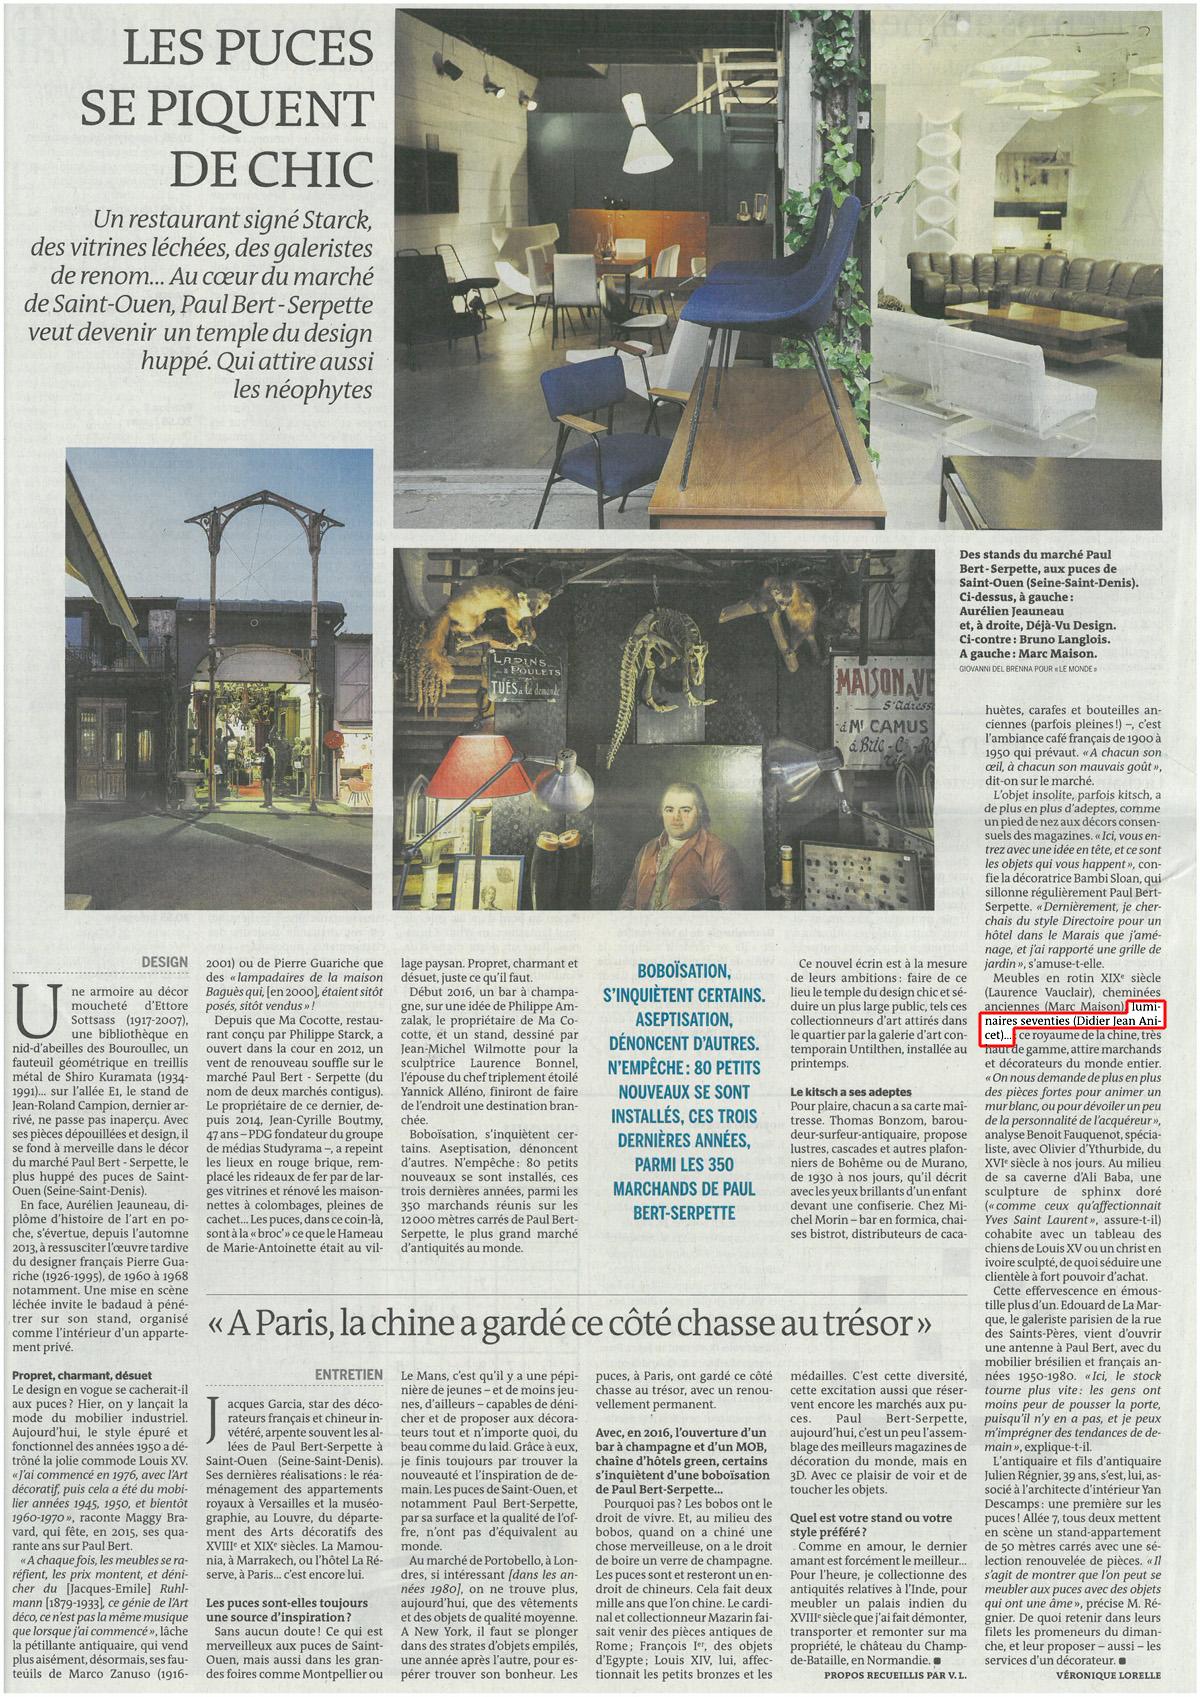 Le Monde, 28 décembre 2015